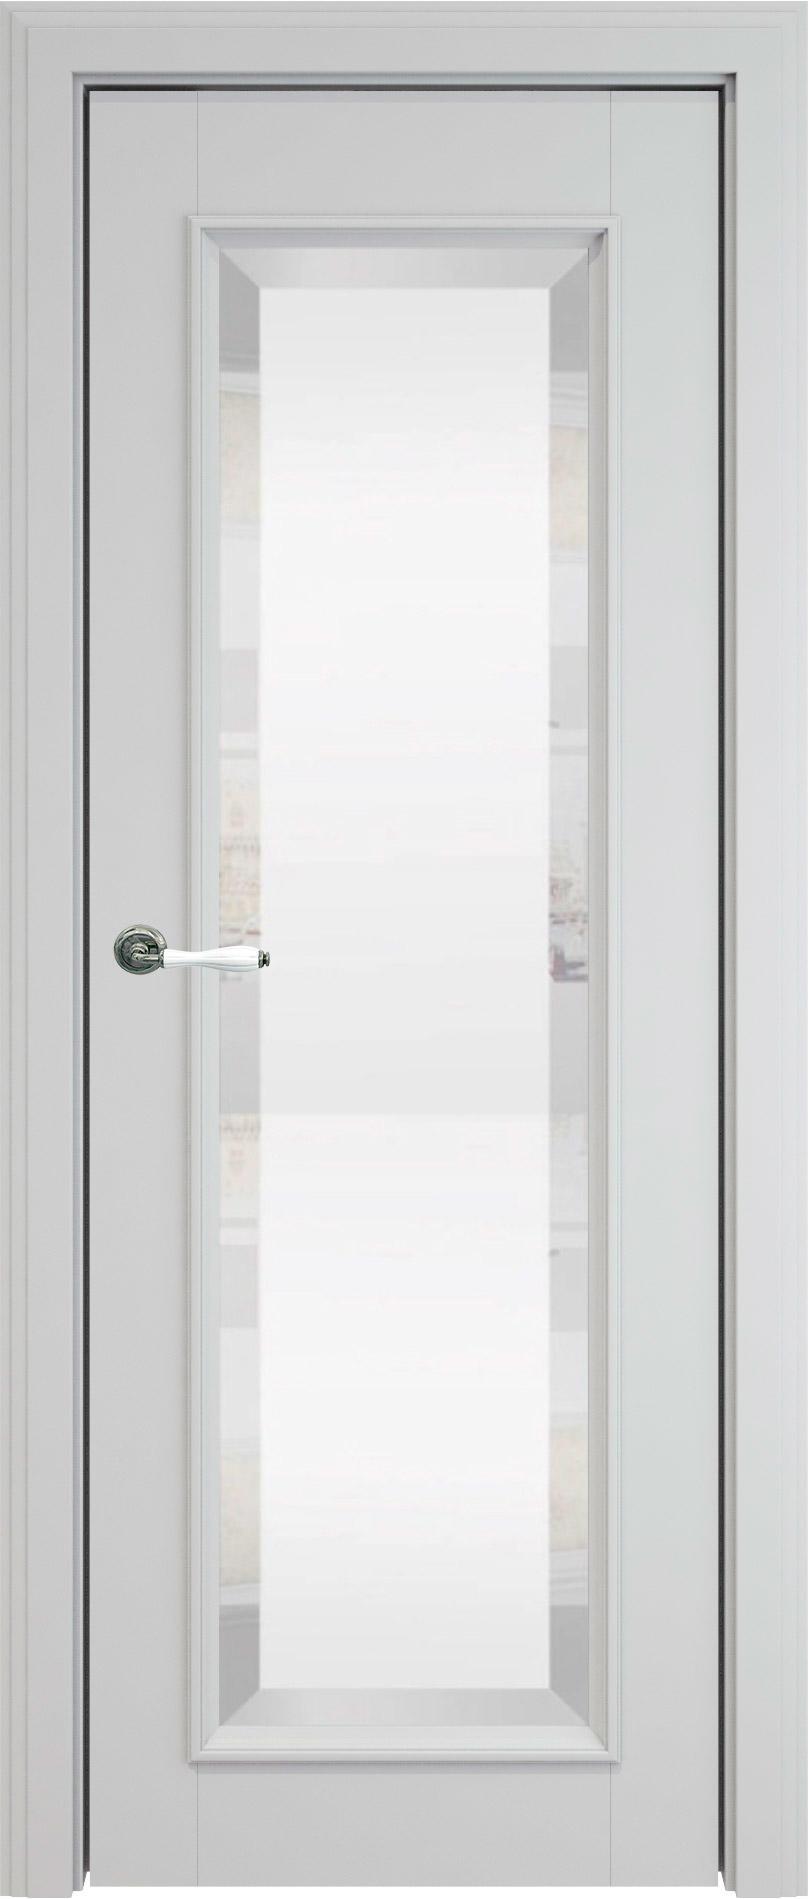 Domenica LUX цвет - Серая эмаль (RAL 7047) Со стеклом (ДО)